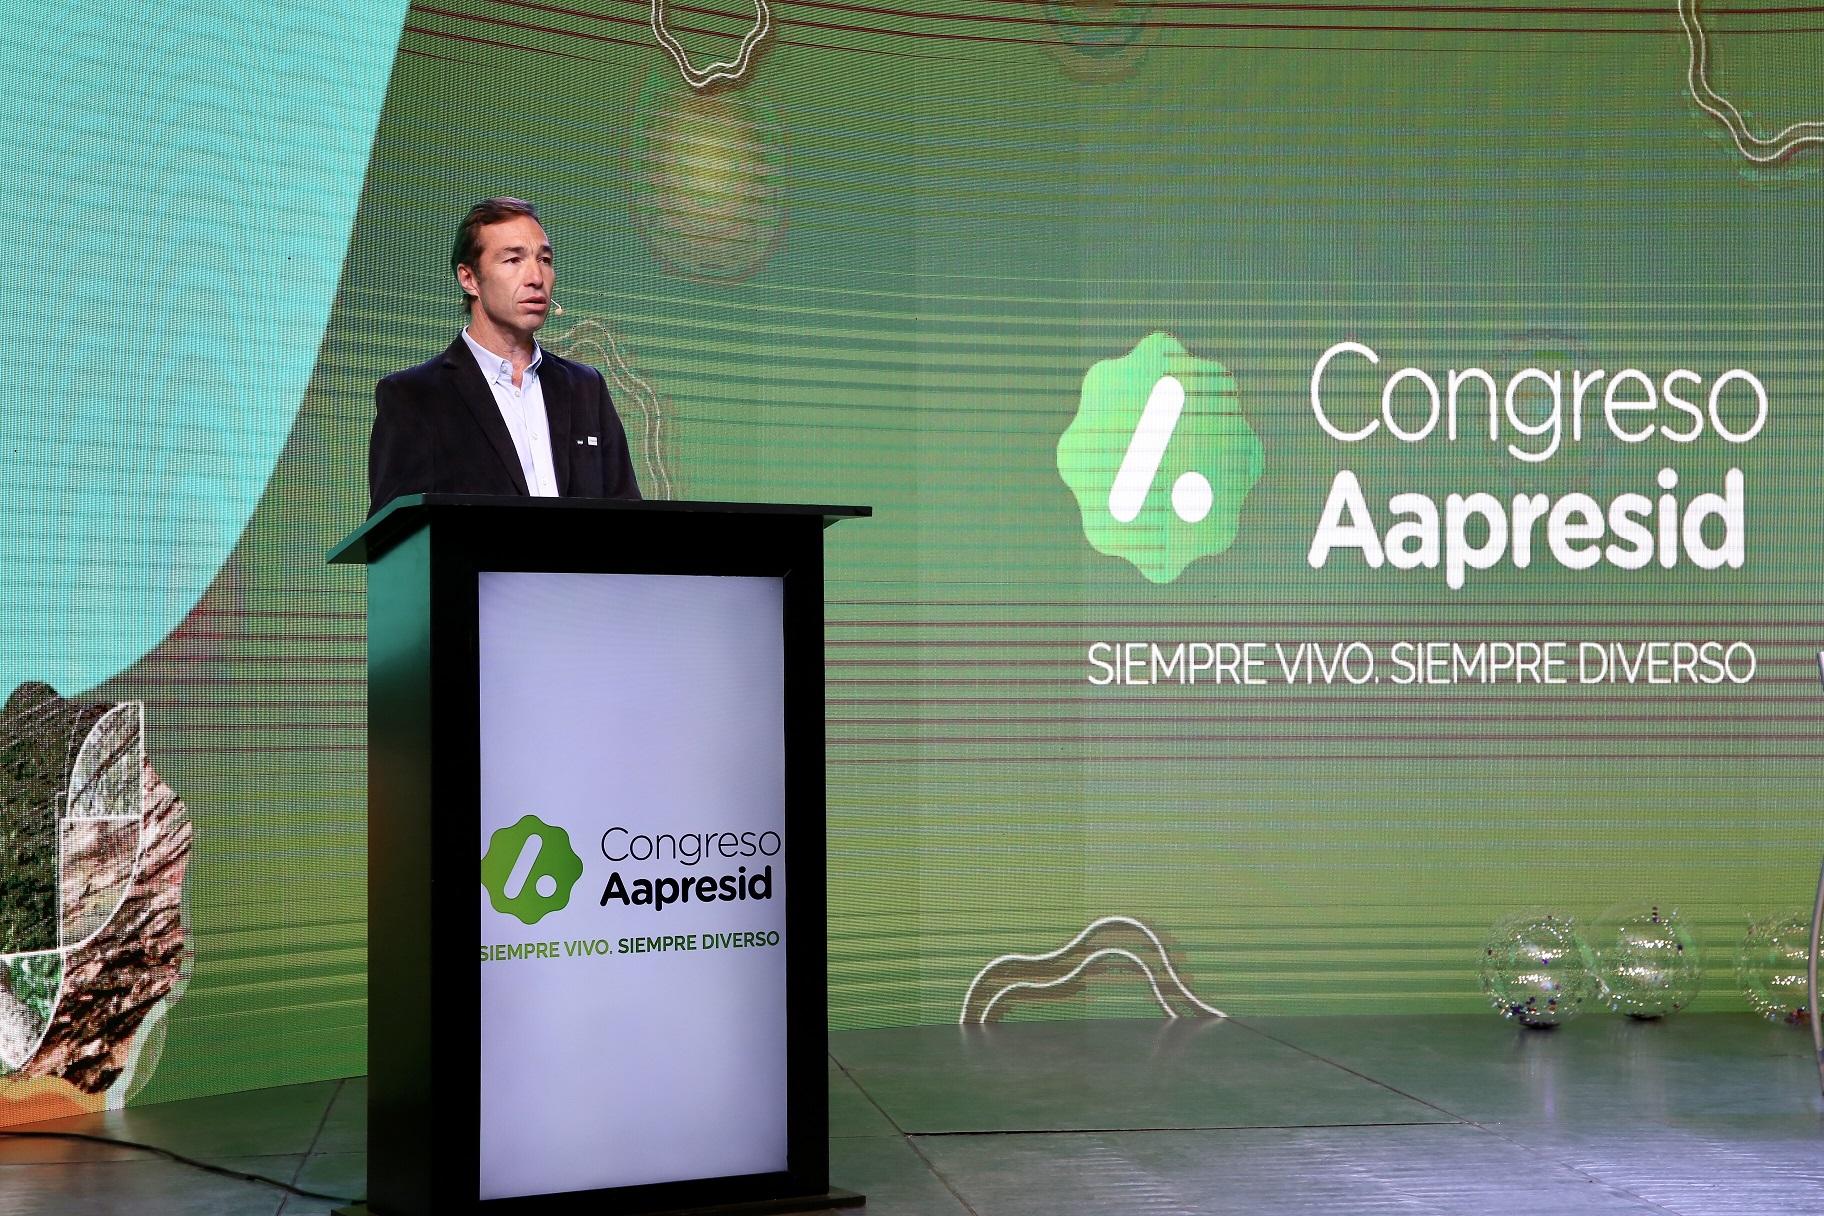 Comenzó Congreso Aapresid 2021: se reclamó por políticas «claras, estables y criteriosas»